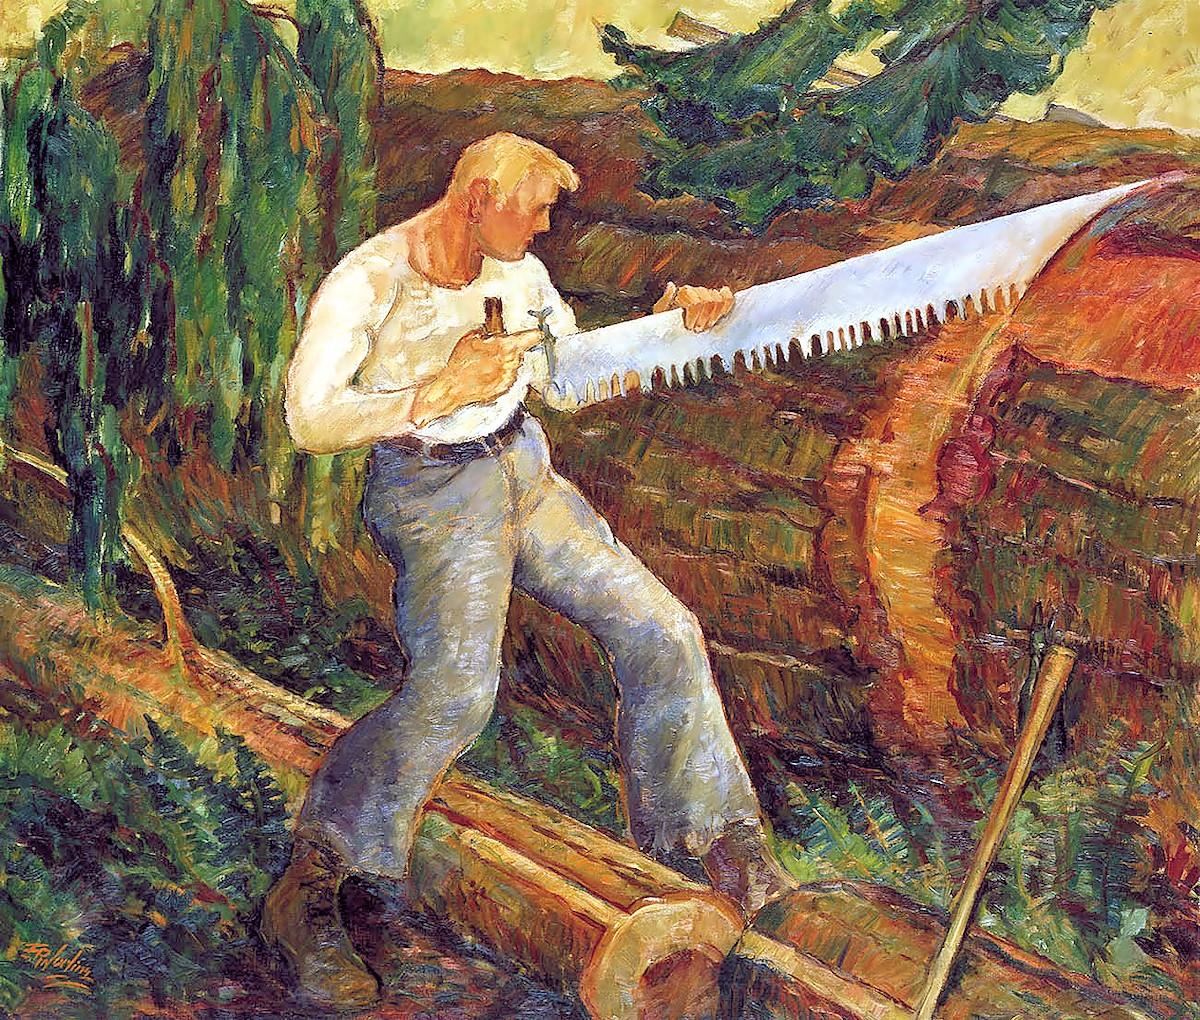 00 Ernest Ralph Norling. The Timber Bucker. 1934